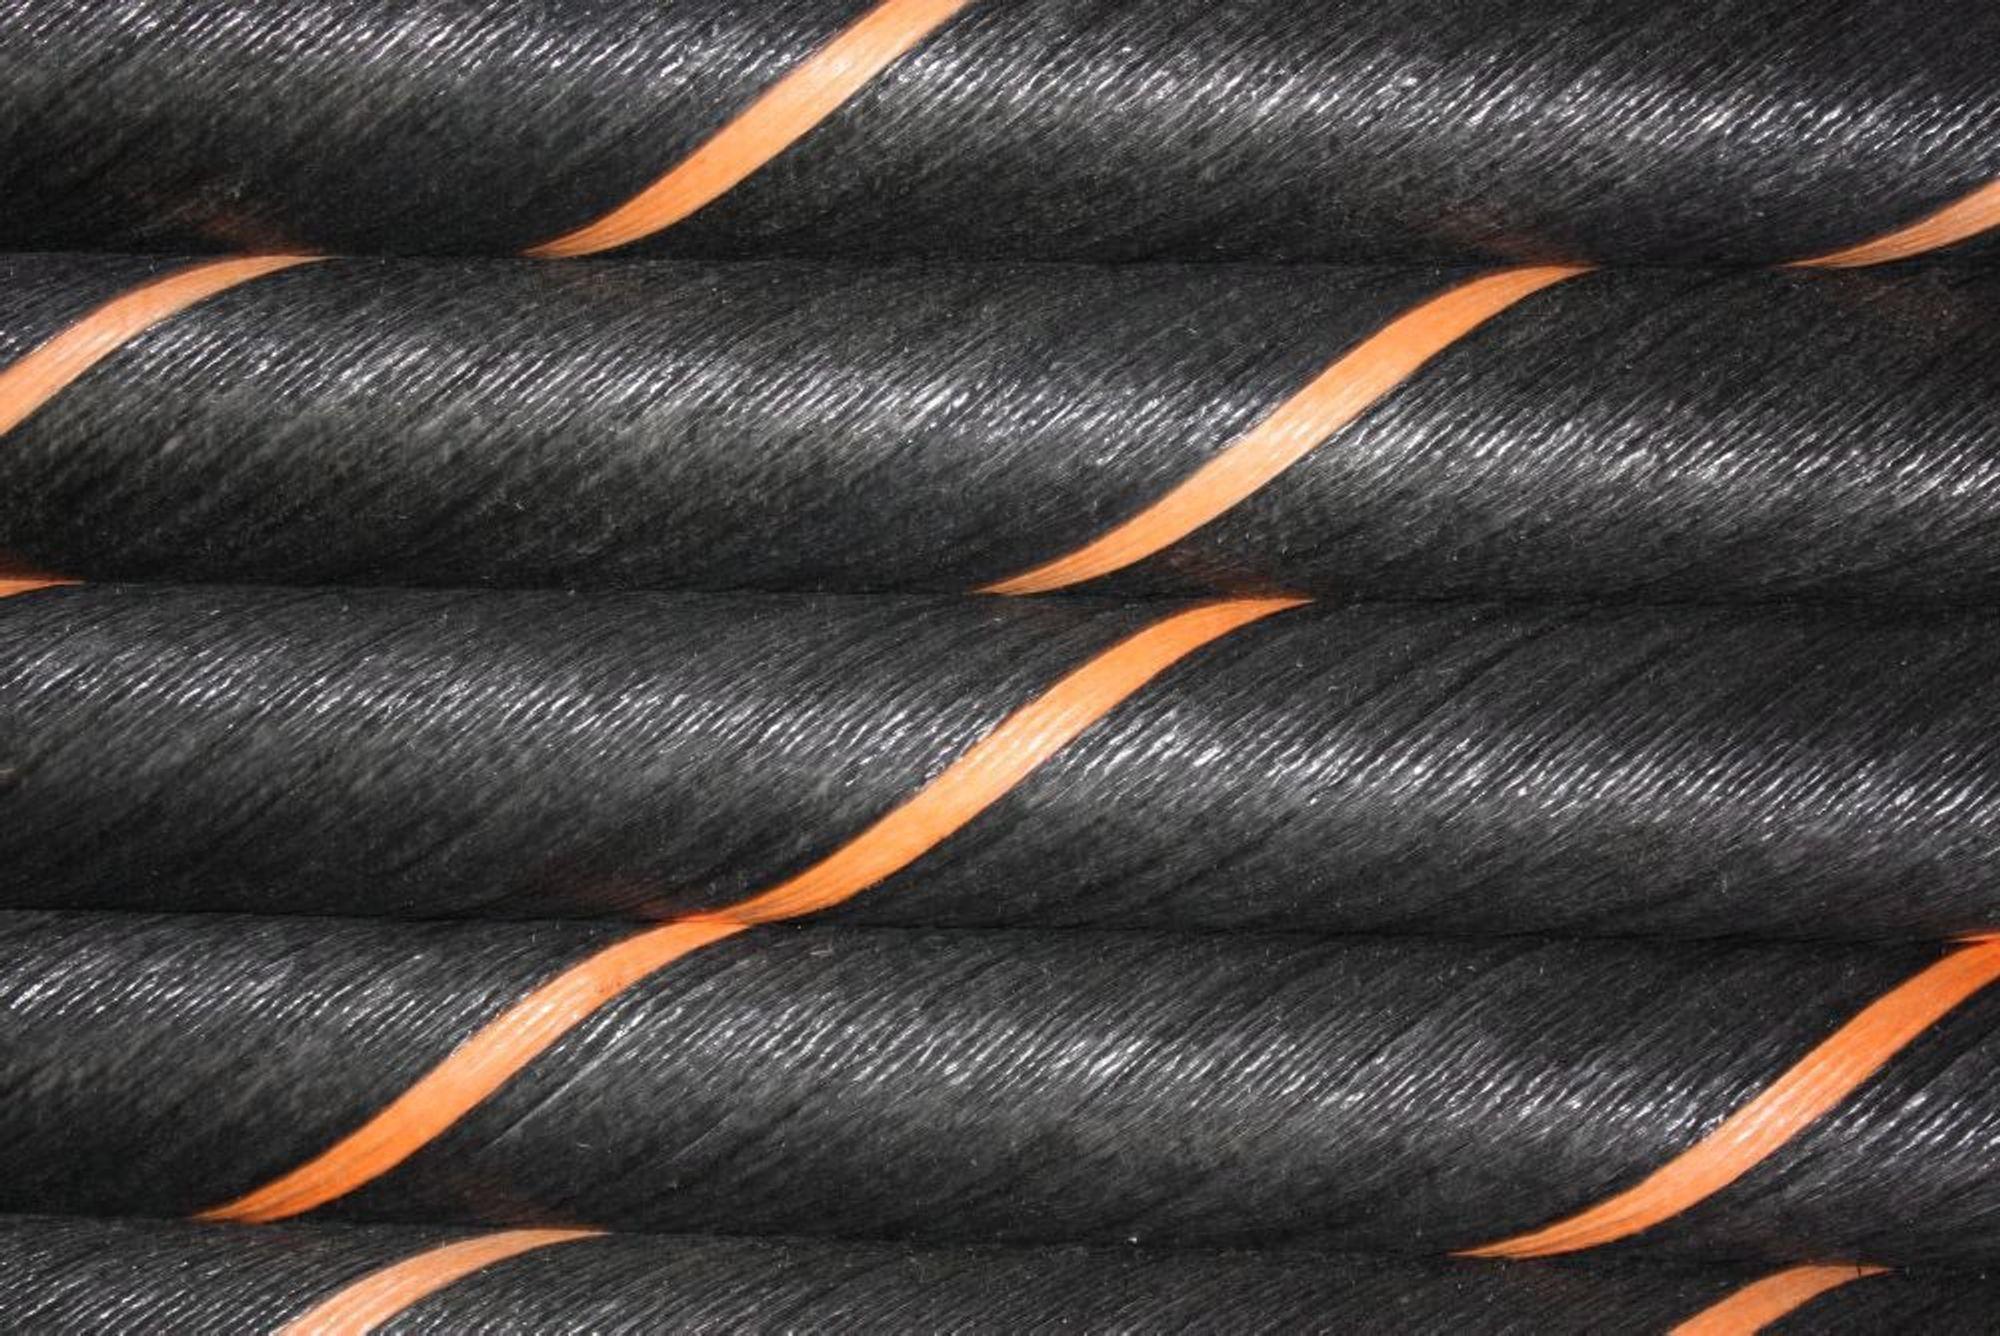 Avtalen om å bygge kabel til Tyskland vil gi mer stabile strømpriser gjennom året, ifølge Statnett-sjef Auke Lont.